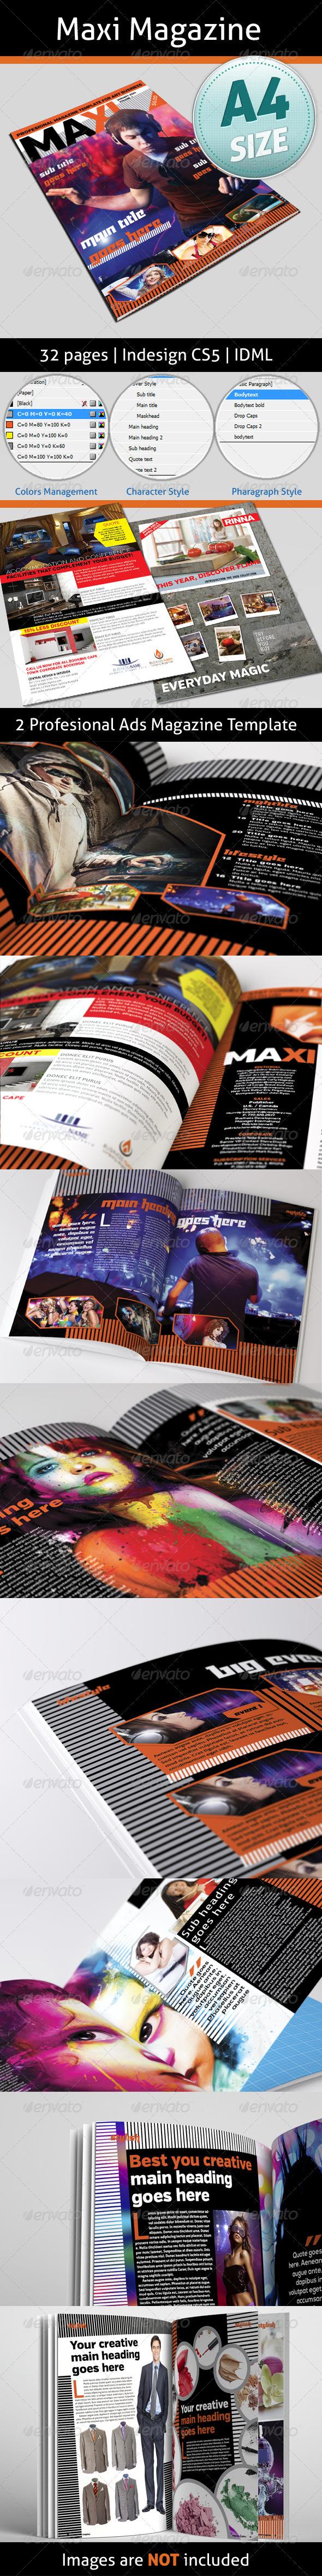 GraphicRiver Maxi Magazine 4936662